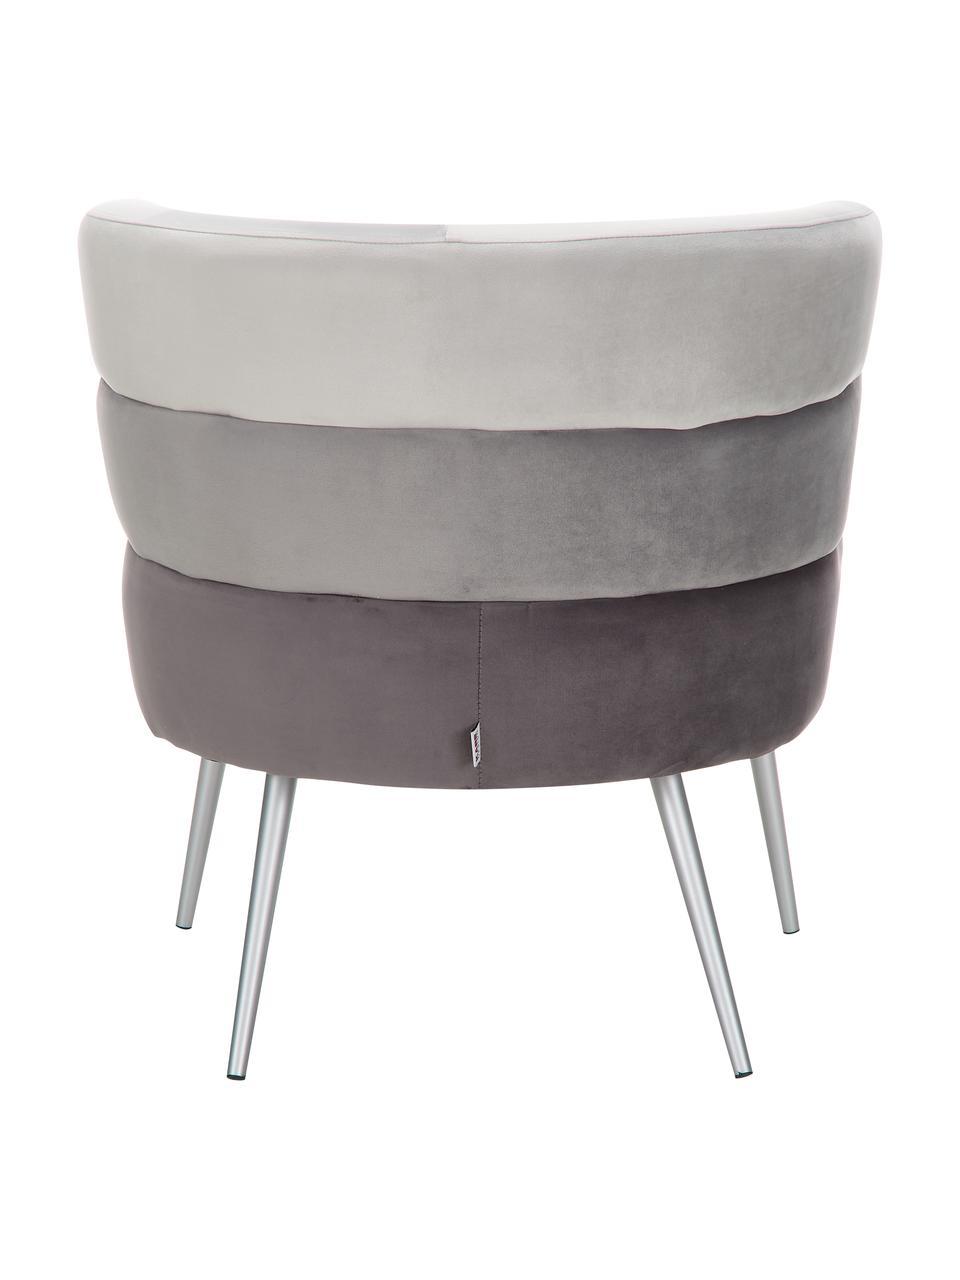 Fluwelen fauteuil Sandwich in retro-design, Bekleding: polyester fluweel, Poten: gecoat metaal, Fluweel grijs, B 65 x D 64 cm